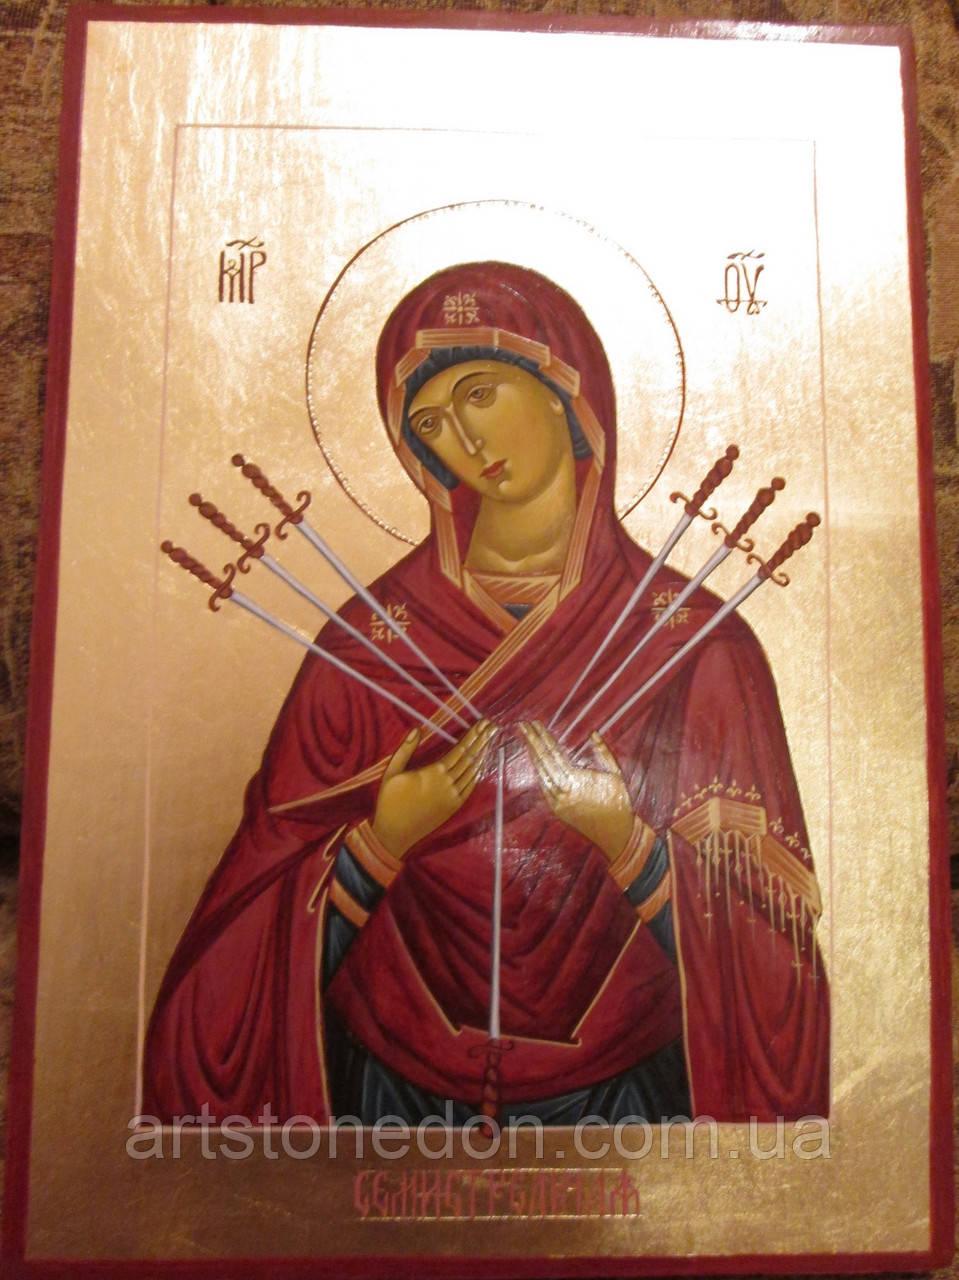 Иконы в деревянном киоте. Икона писаная Семистрельная Божья Матерь (Умягчение злых сердец) 33х23х3см